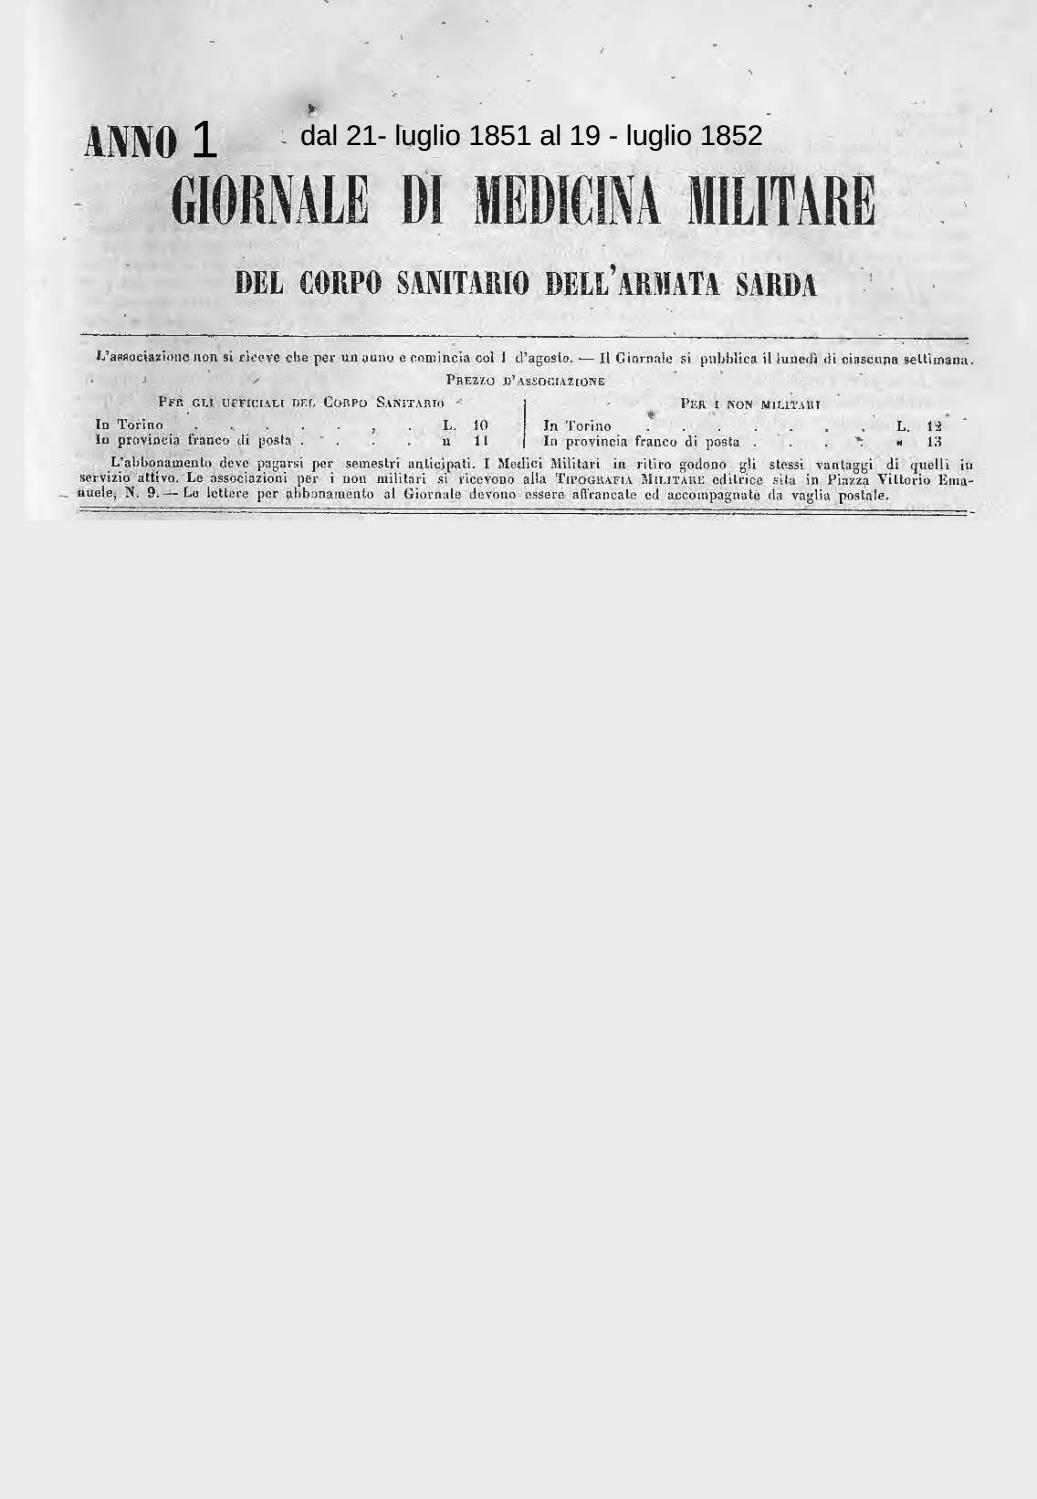 GIORNALE DI MEDICINA MILITARE Anno I by Biblioteca Militare